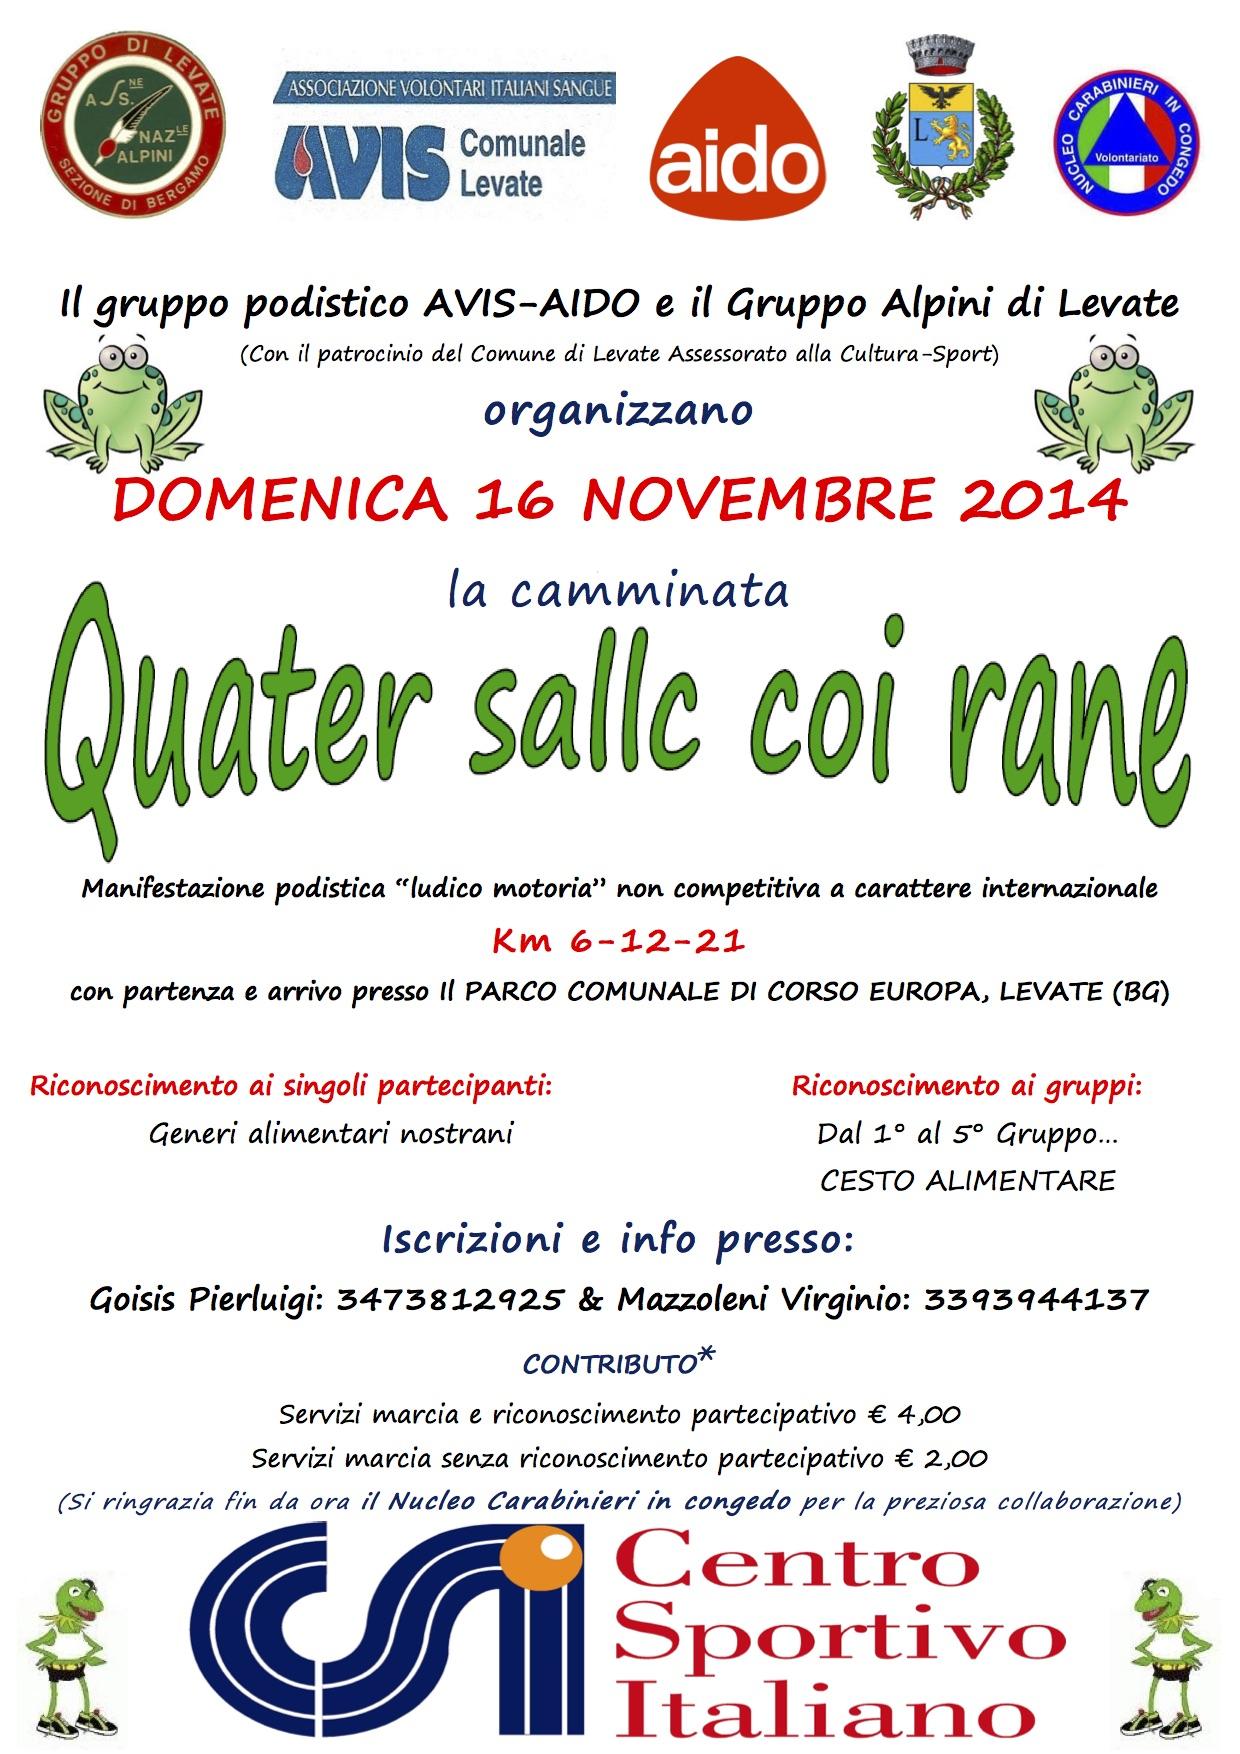 Quater sallc coi Rane a Leat 2014